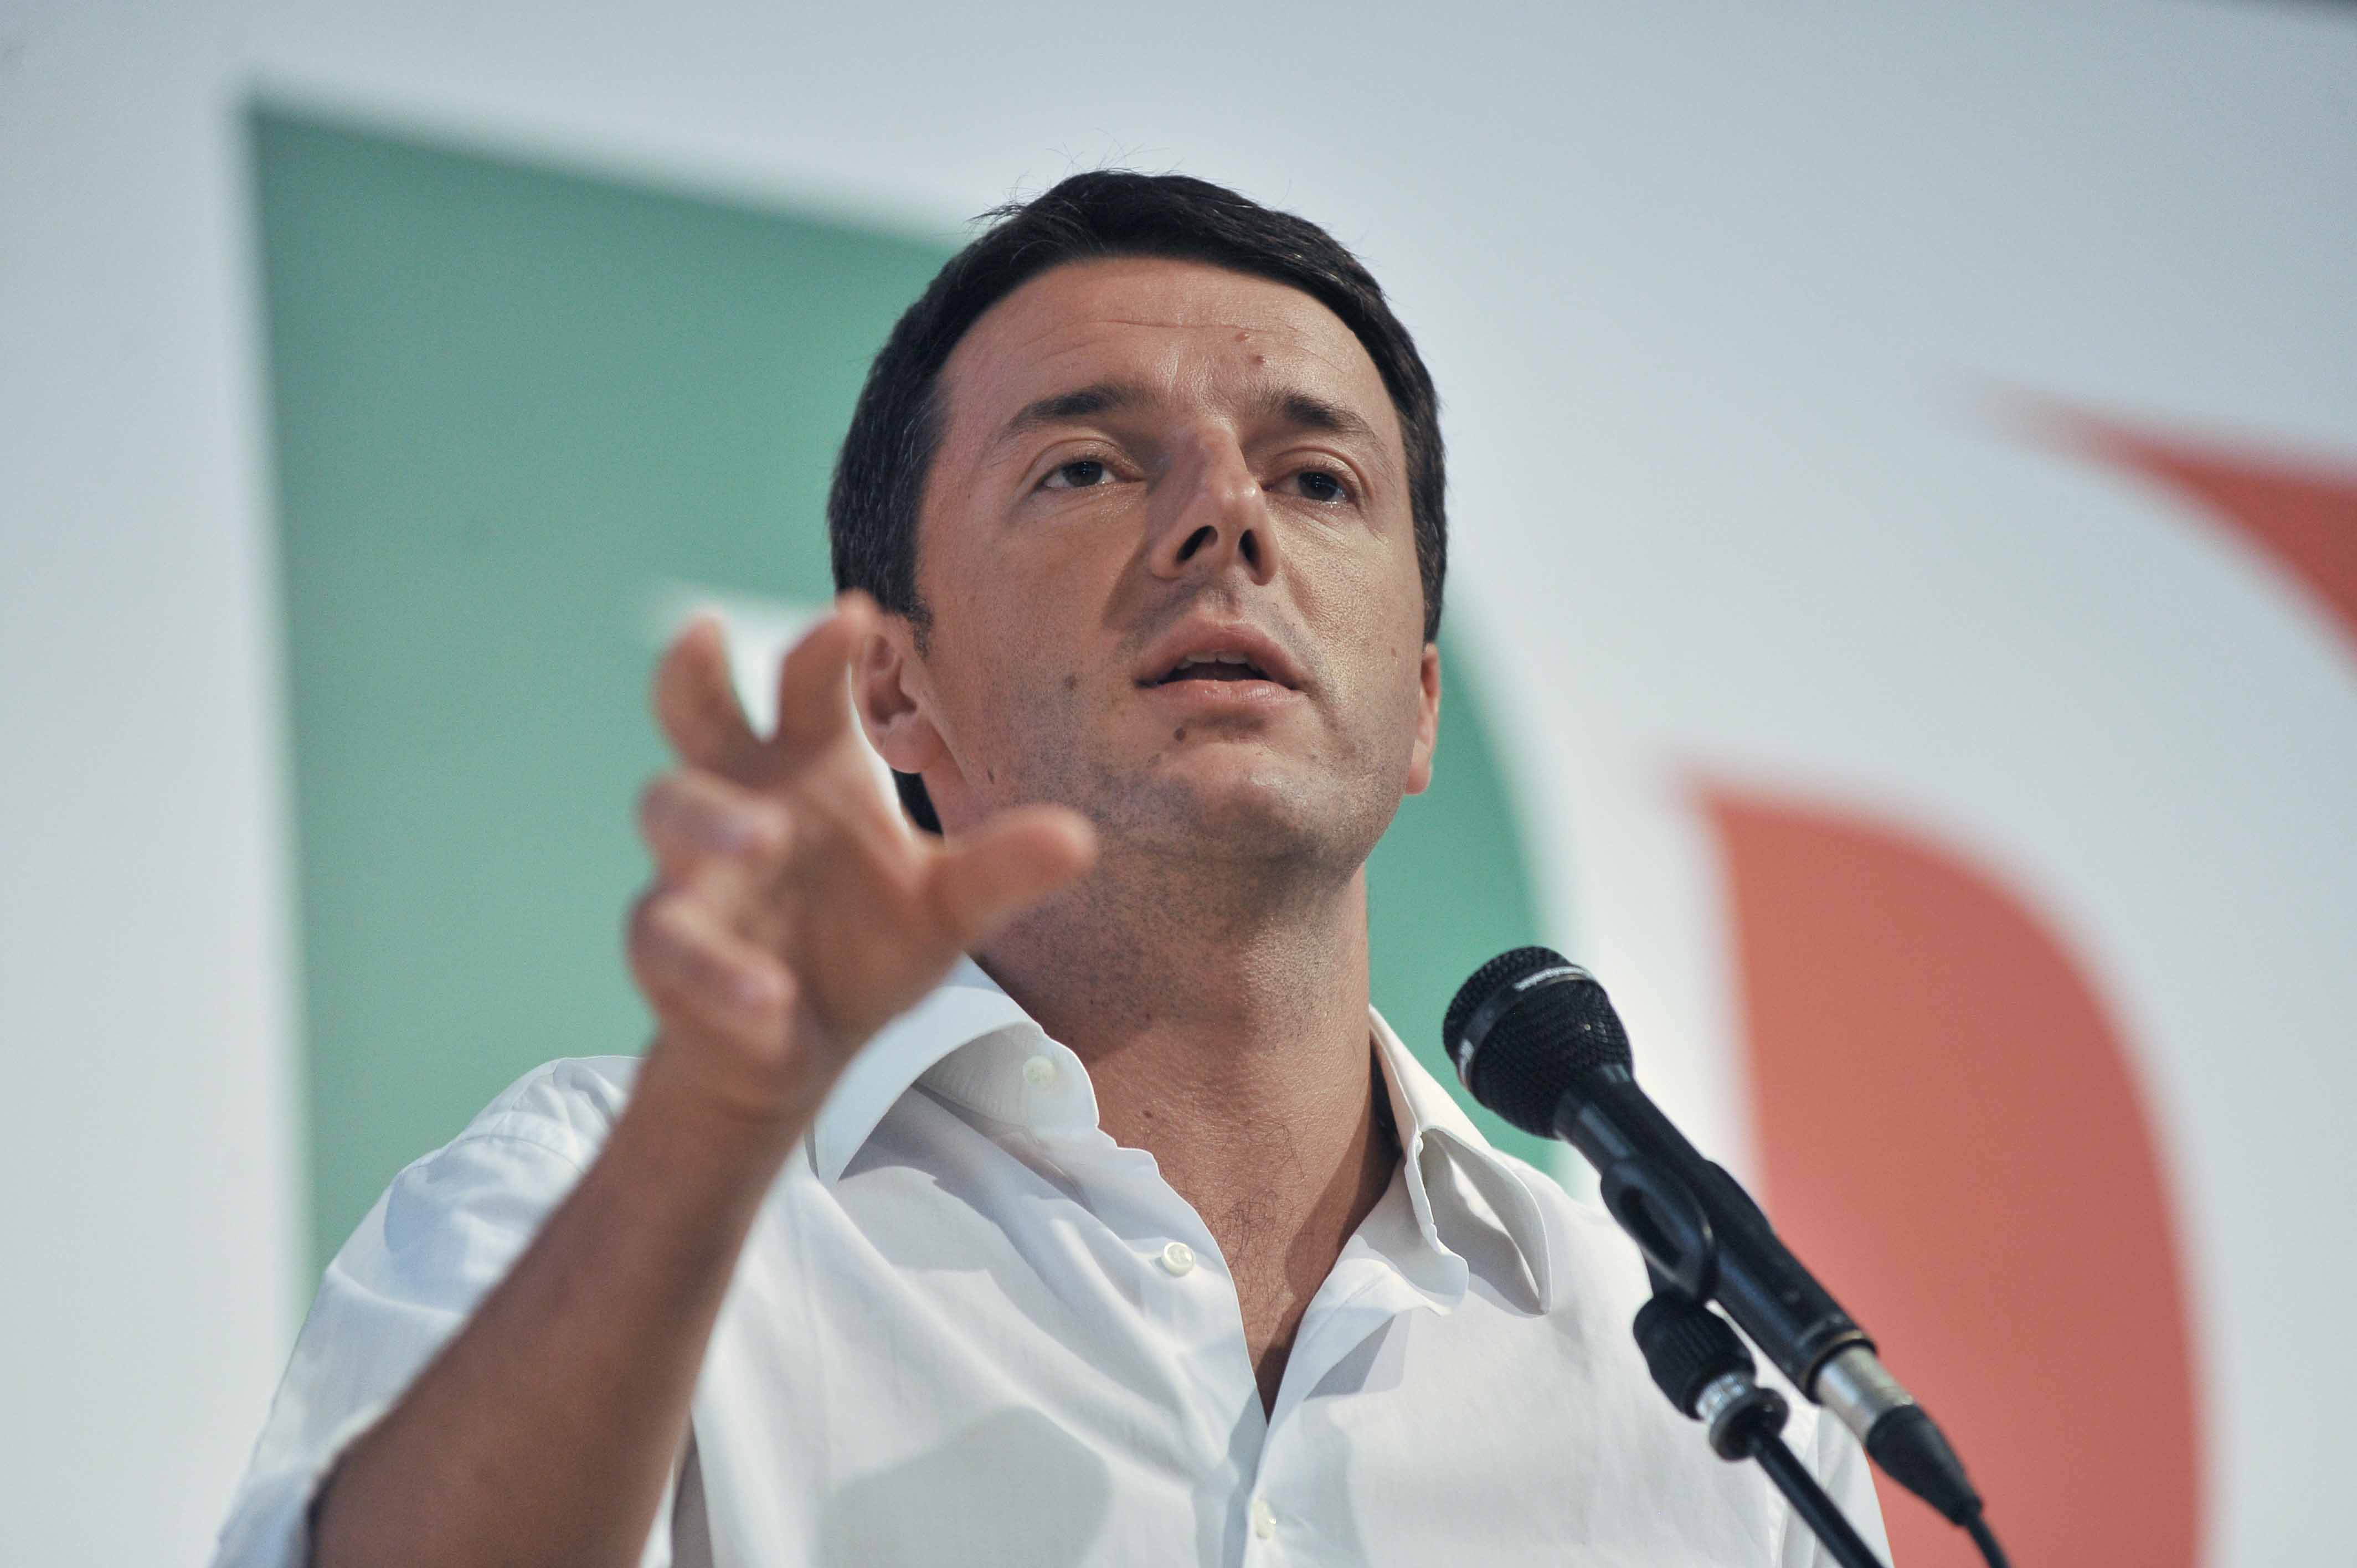 Direzione Pd. Approvato l'Italicum. La minoranza non vota